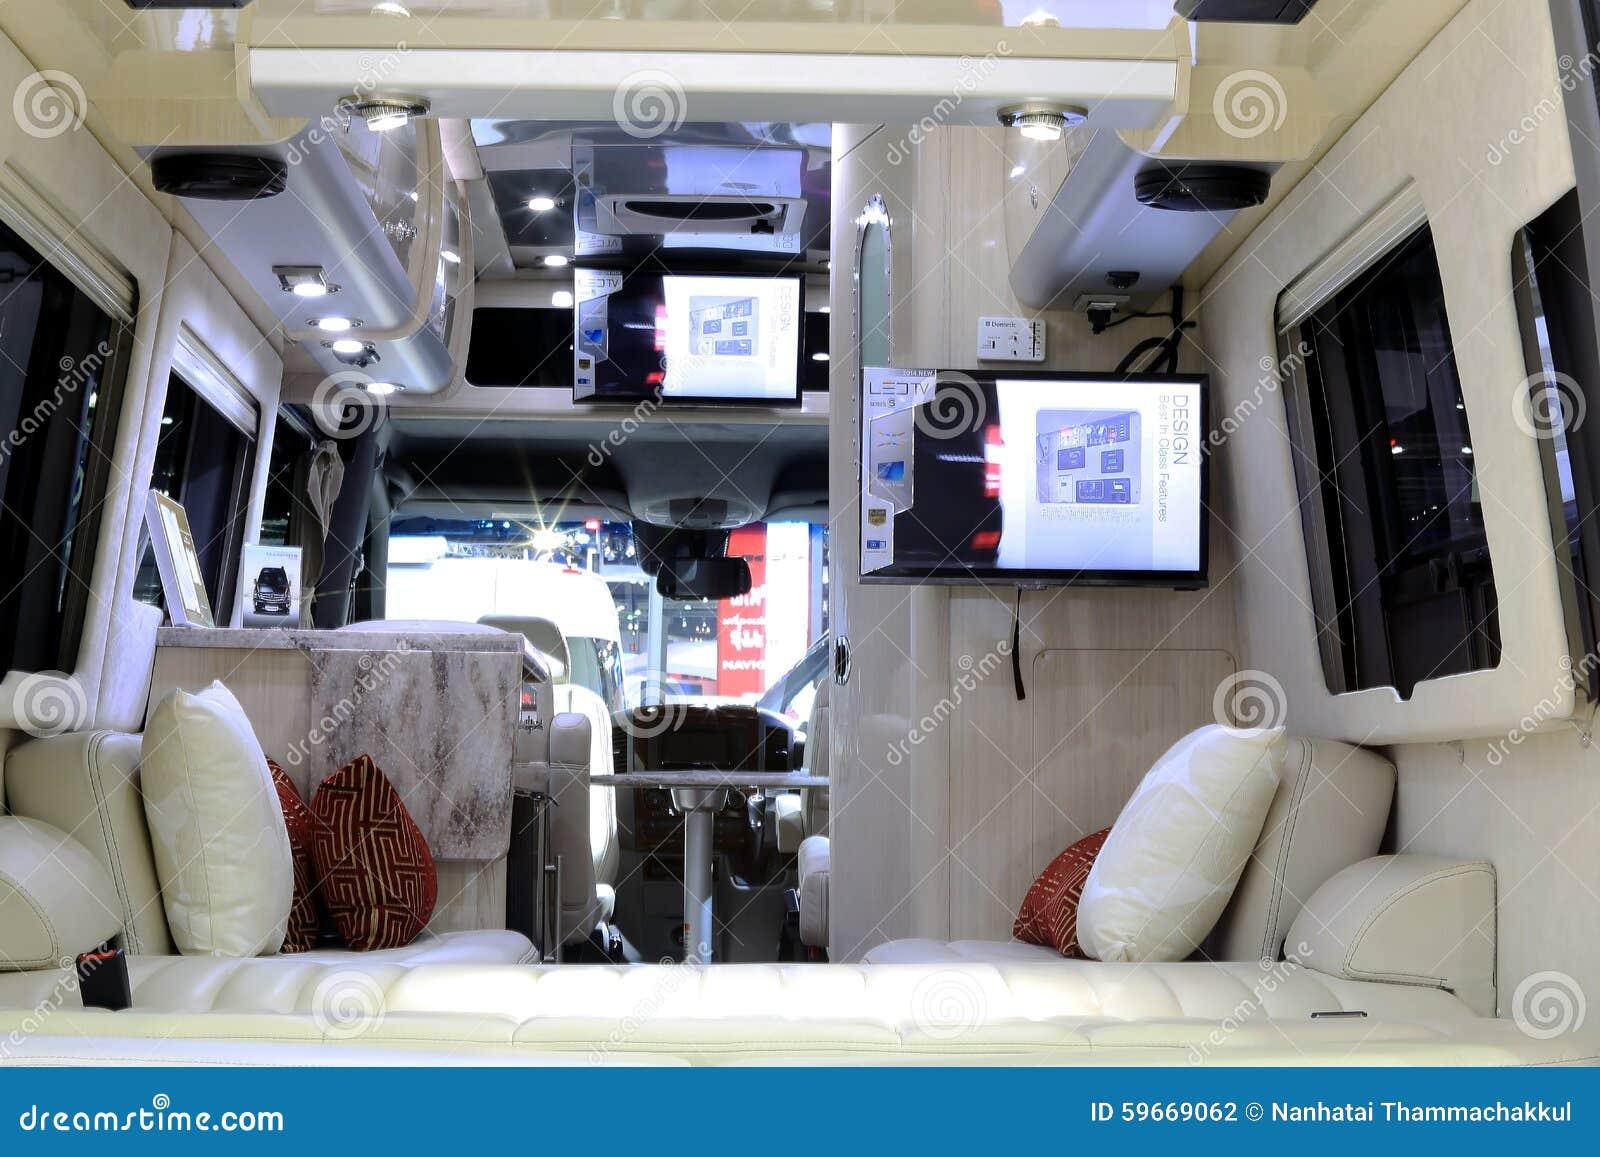 D coration int rieure de luxe dans la voiture de caravane for Interieur voiture de luxe